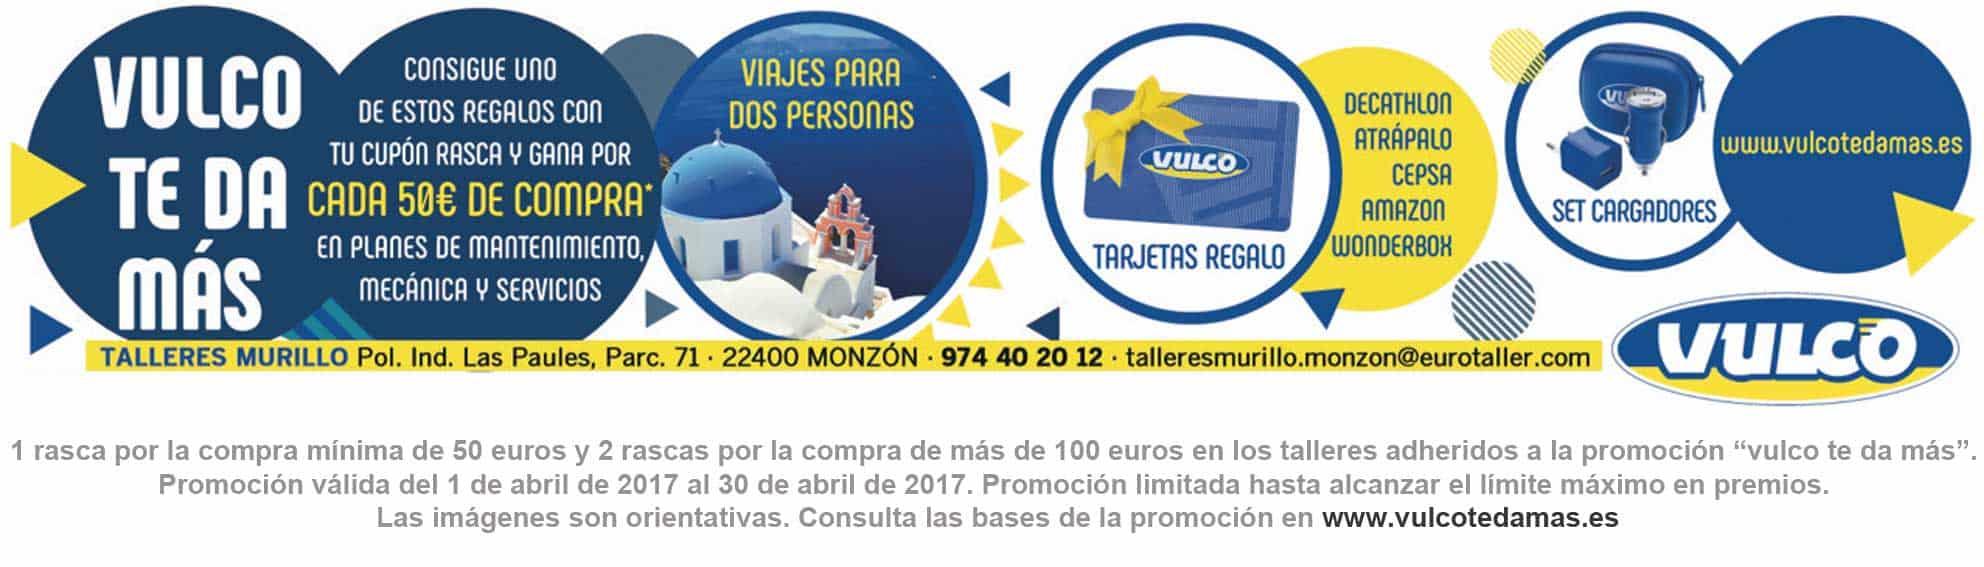 Talleres Murillo